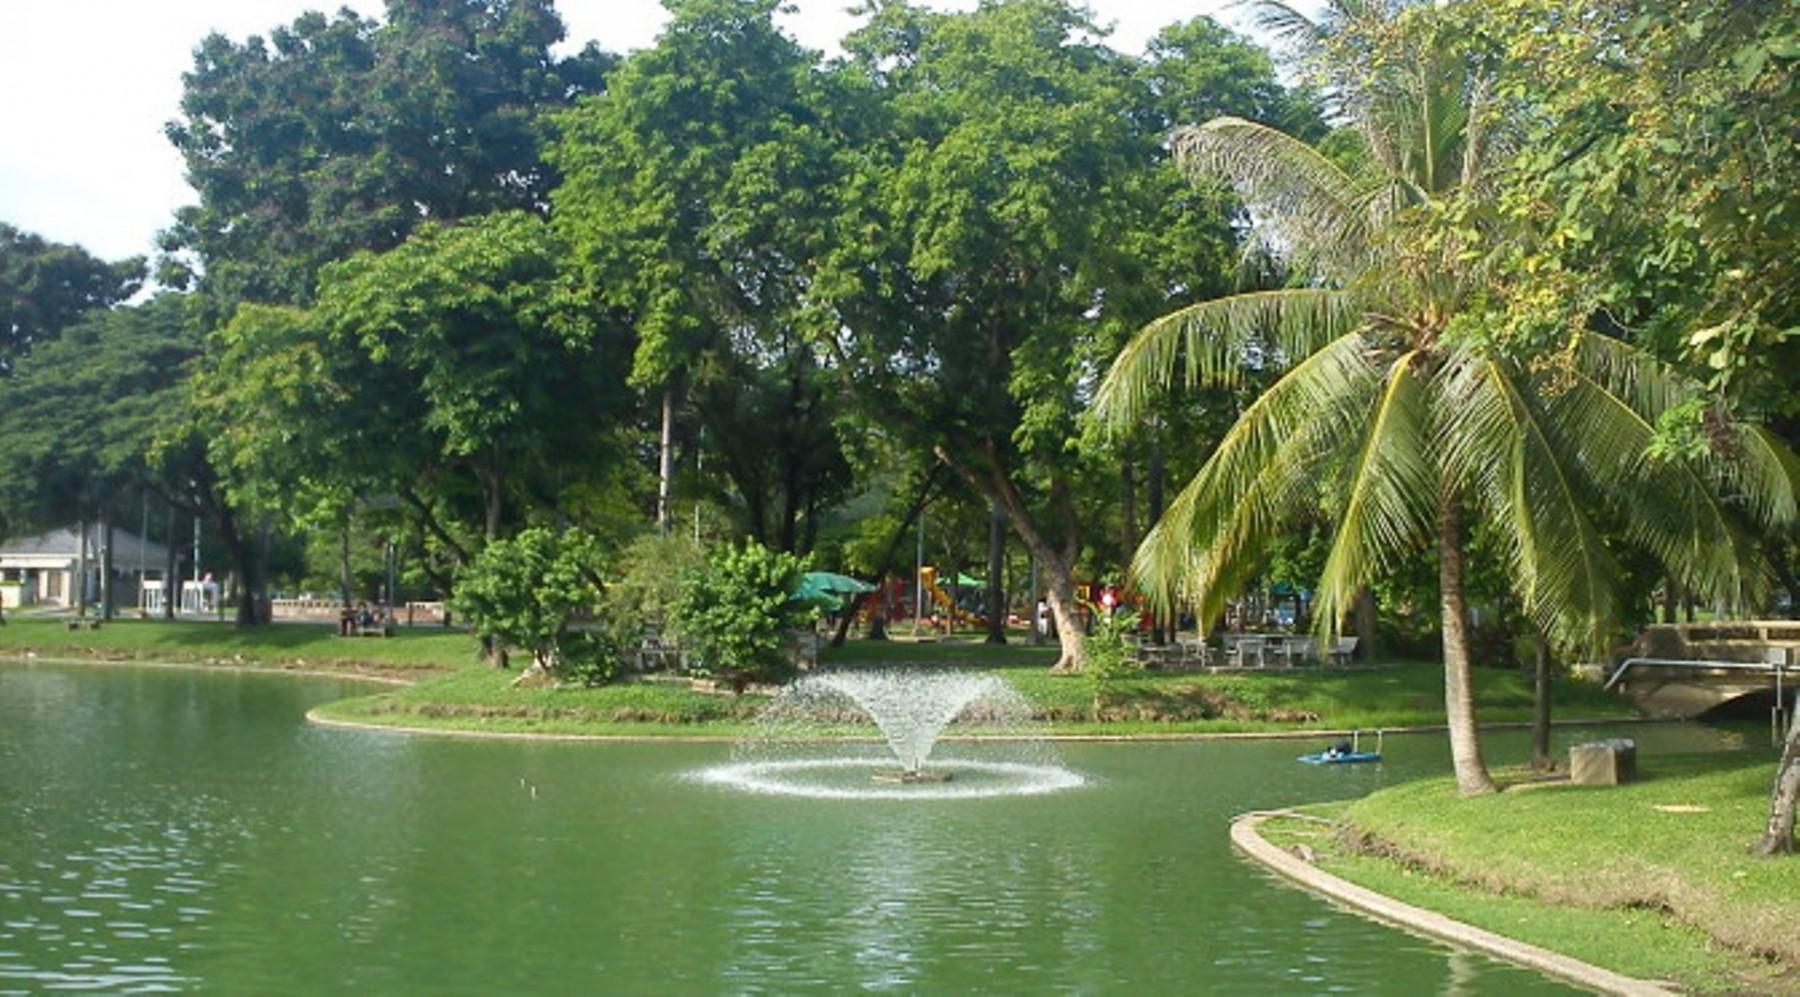 اهم الانشطة فى حديقه لومبيني بارك فى بانكوك | حديقة لومبينى بارك فى بانكوك